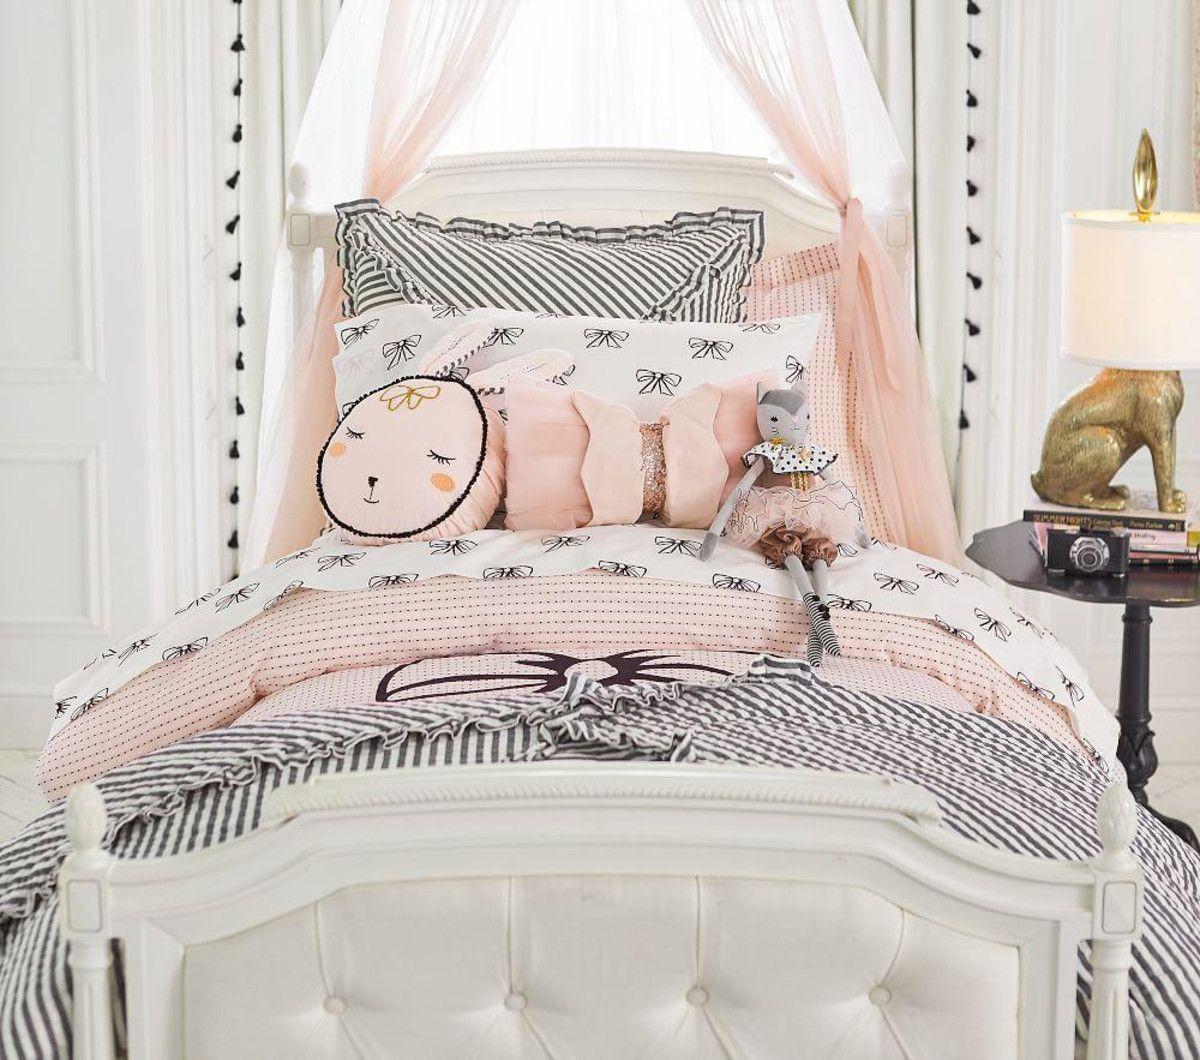 The Emily & Meritt Ruffle Stripe Comforter Little girl